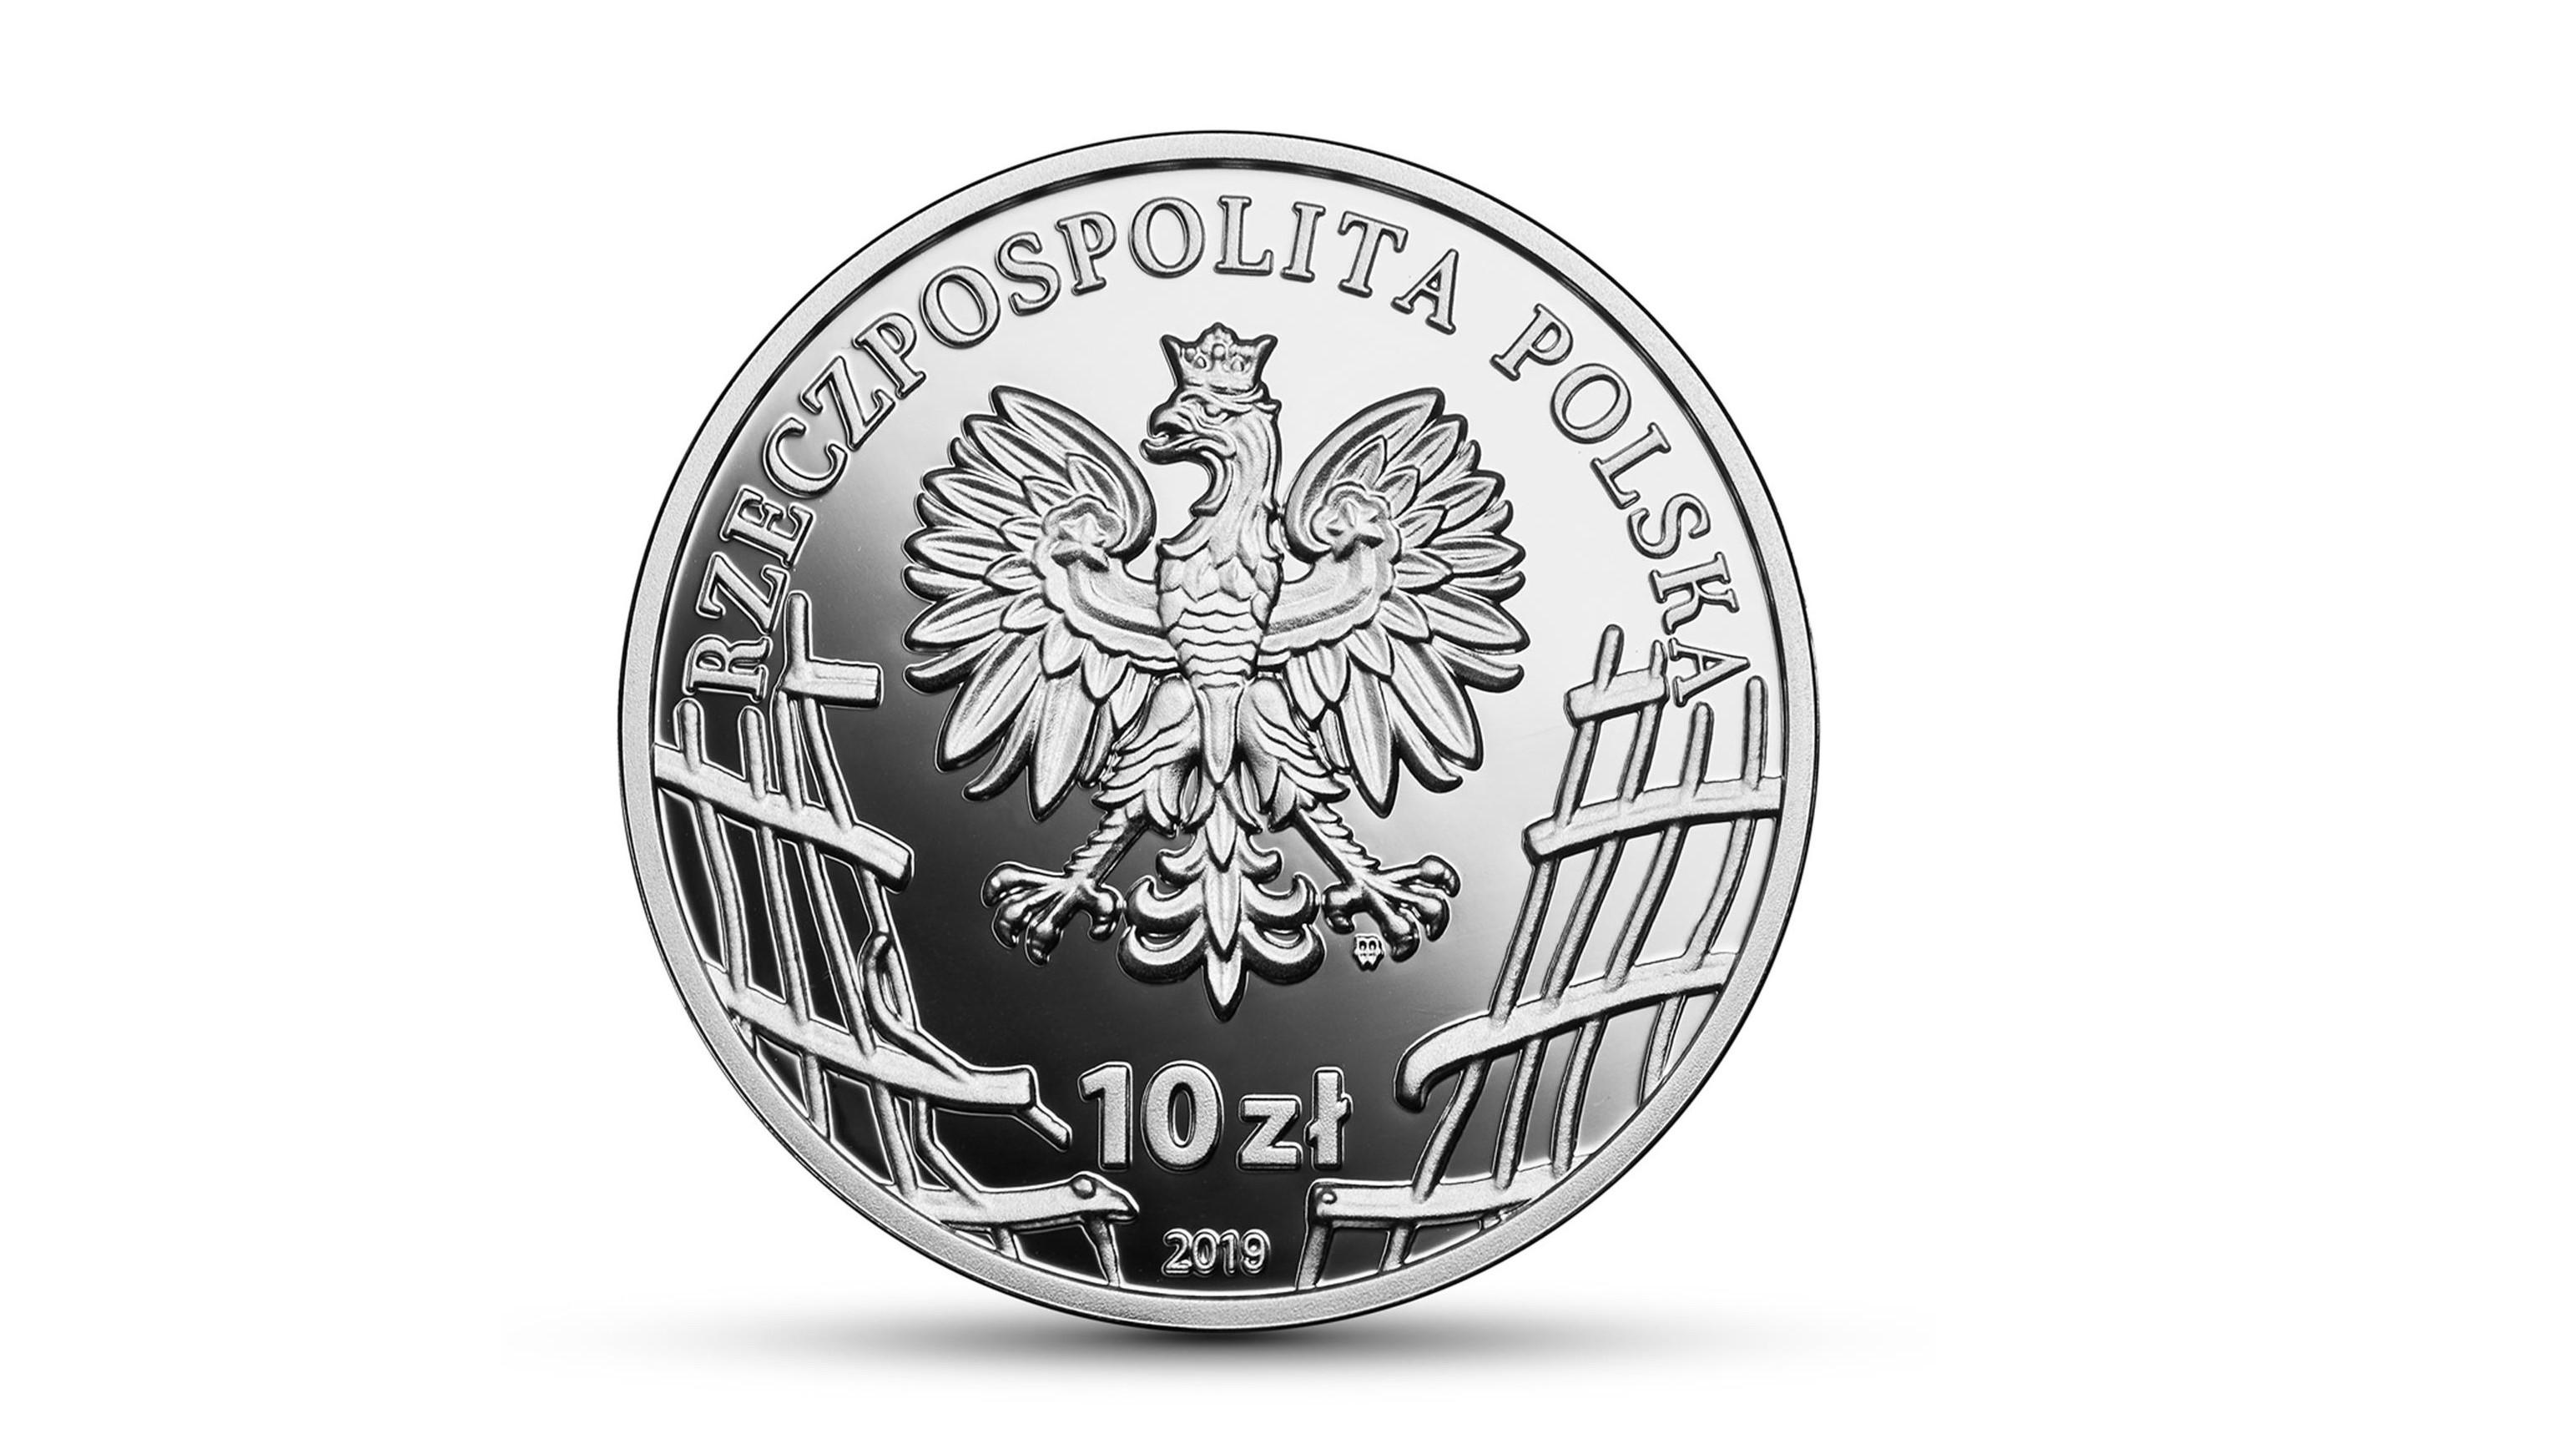 www.nbp.pl